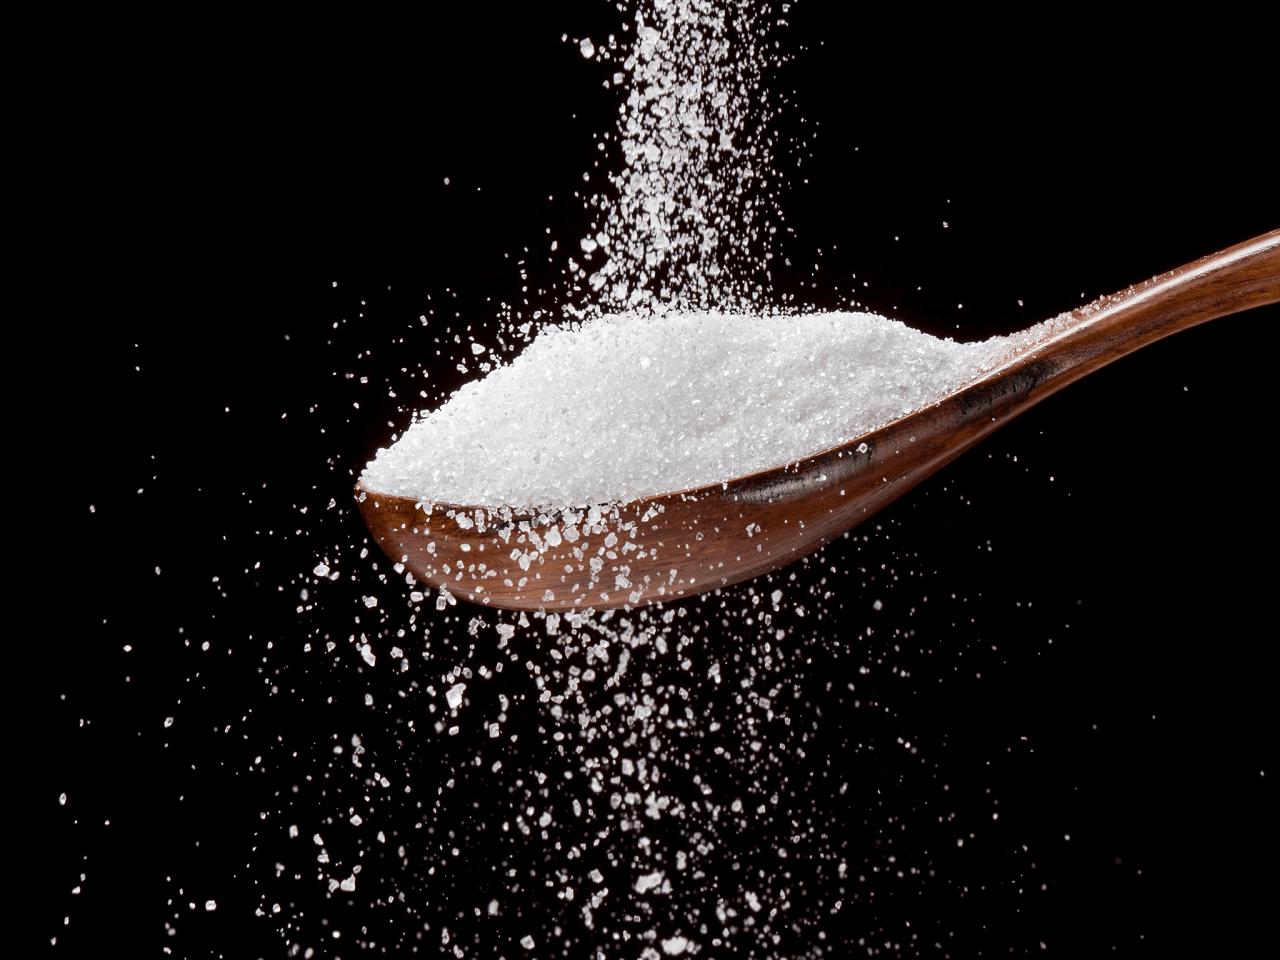 Çin Şeker İthalatındaki Korunma Önlemini Yenilememe Kararı Aldı